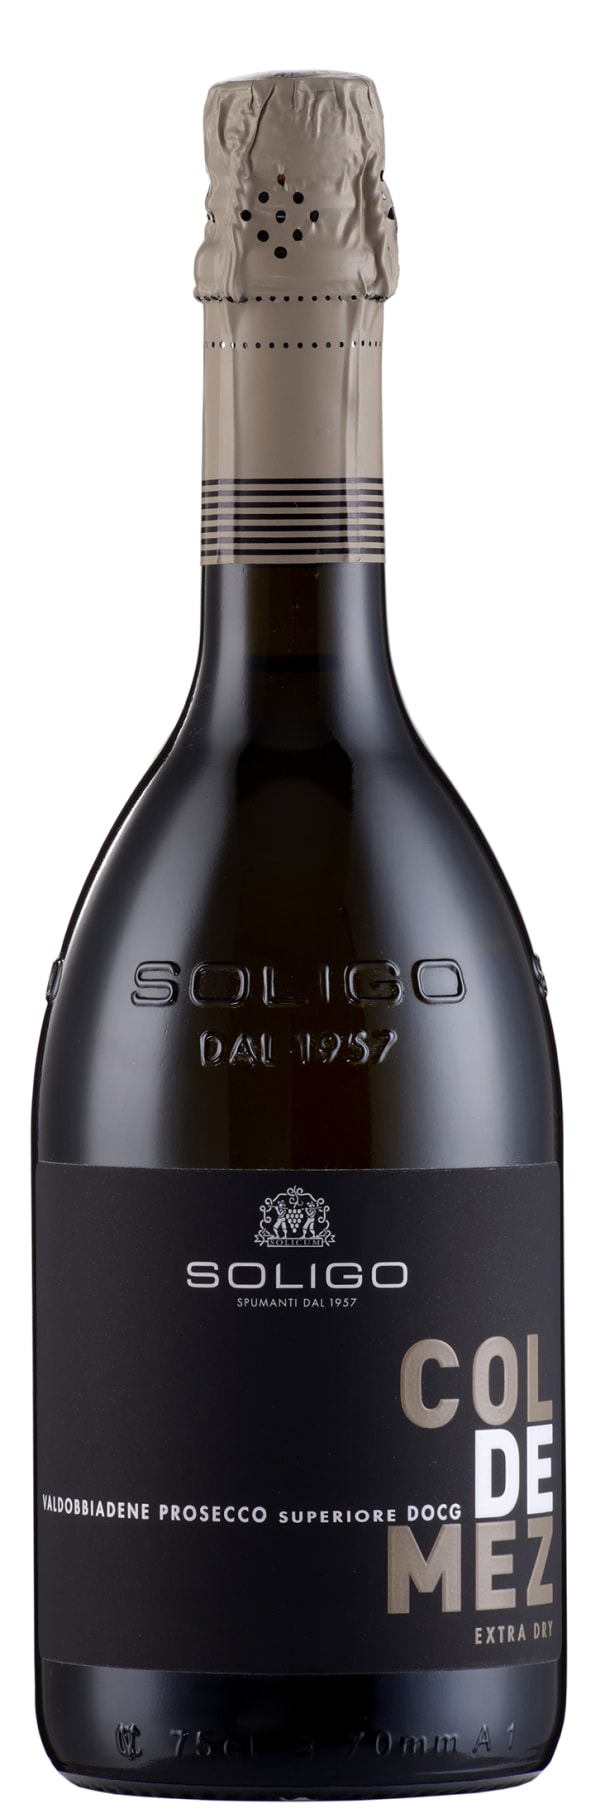 Soligo Col de Mez Prosecco Extra Dry